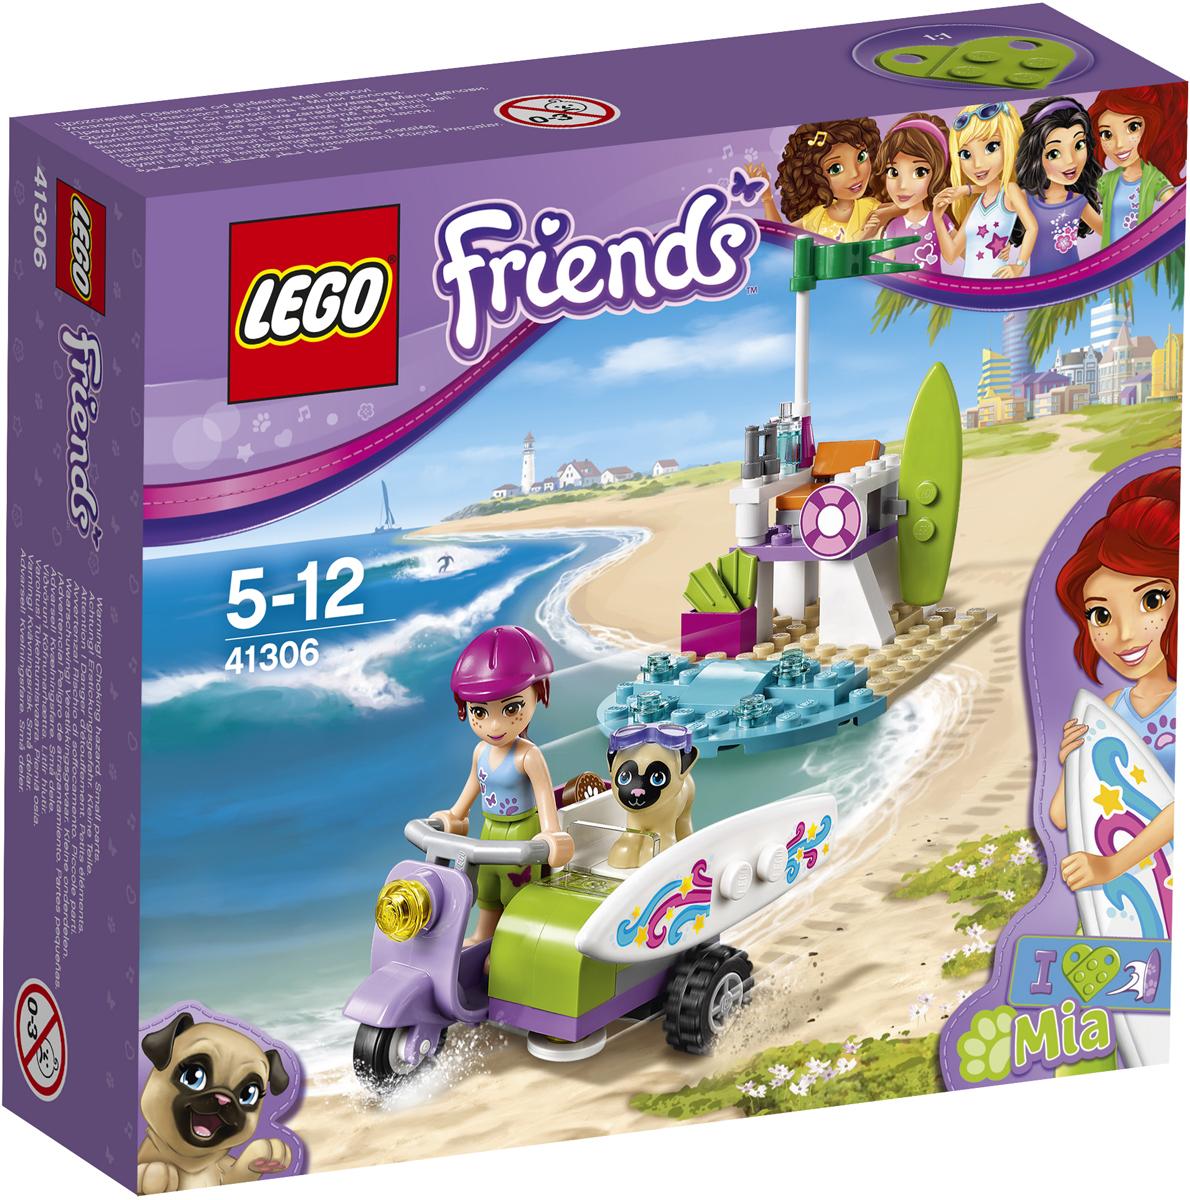 LEGO Friends Конструктор Пляжный скутер Мии 4130641306Мия направляется на пляж, чтобы заняться сёрфингом. И, конечно, она возьмёт с собой своего мопса Тоффи! Посади Мию на классный сиреневый скутер и проверь, безопасно ли Тоффи устроился на боковом сиденье. Ему нравится поездка! Ты знала, что Тоффи тоже отличный серфингист? Поставь Мию и Тоффи на доски, чтобы они катались на волнах, а потом Мия может расположиться в шезлонге со стаканом лимонада и любоваться невероятными трюками Тоффи.